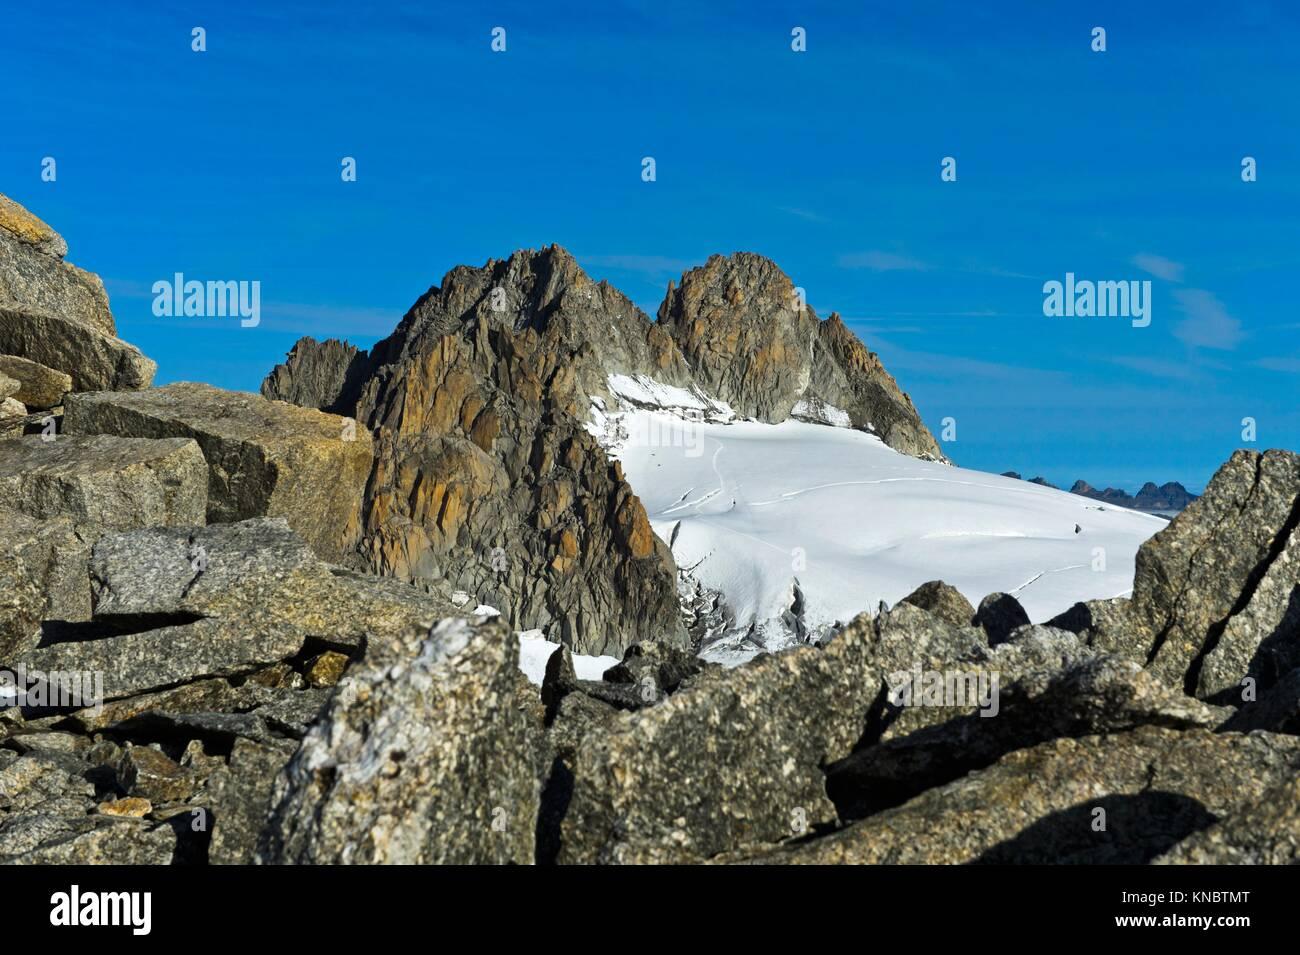 Gipfel Aiguille du Tour über den Gletscher Plateau du Trient, Wallis, Schweiz. Stockbild